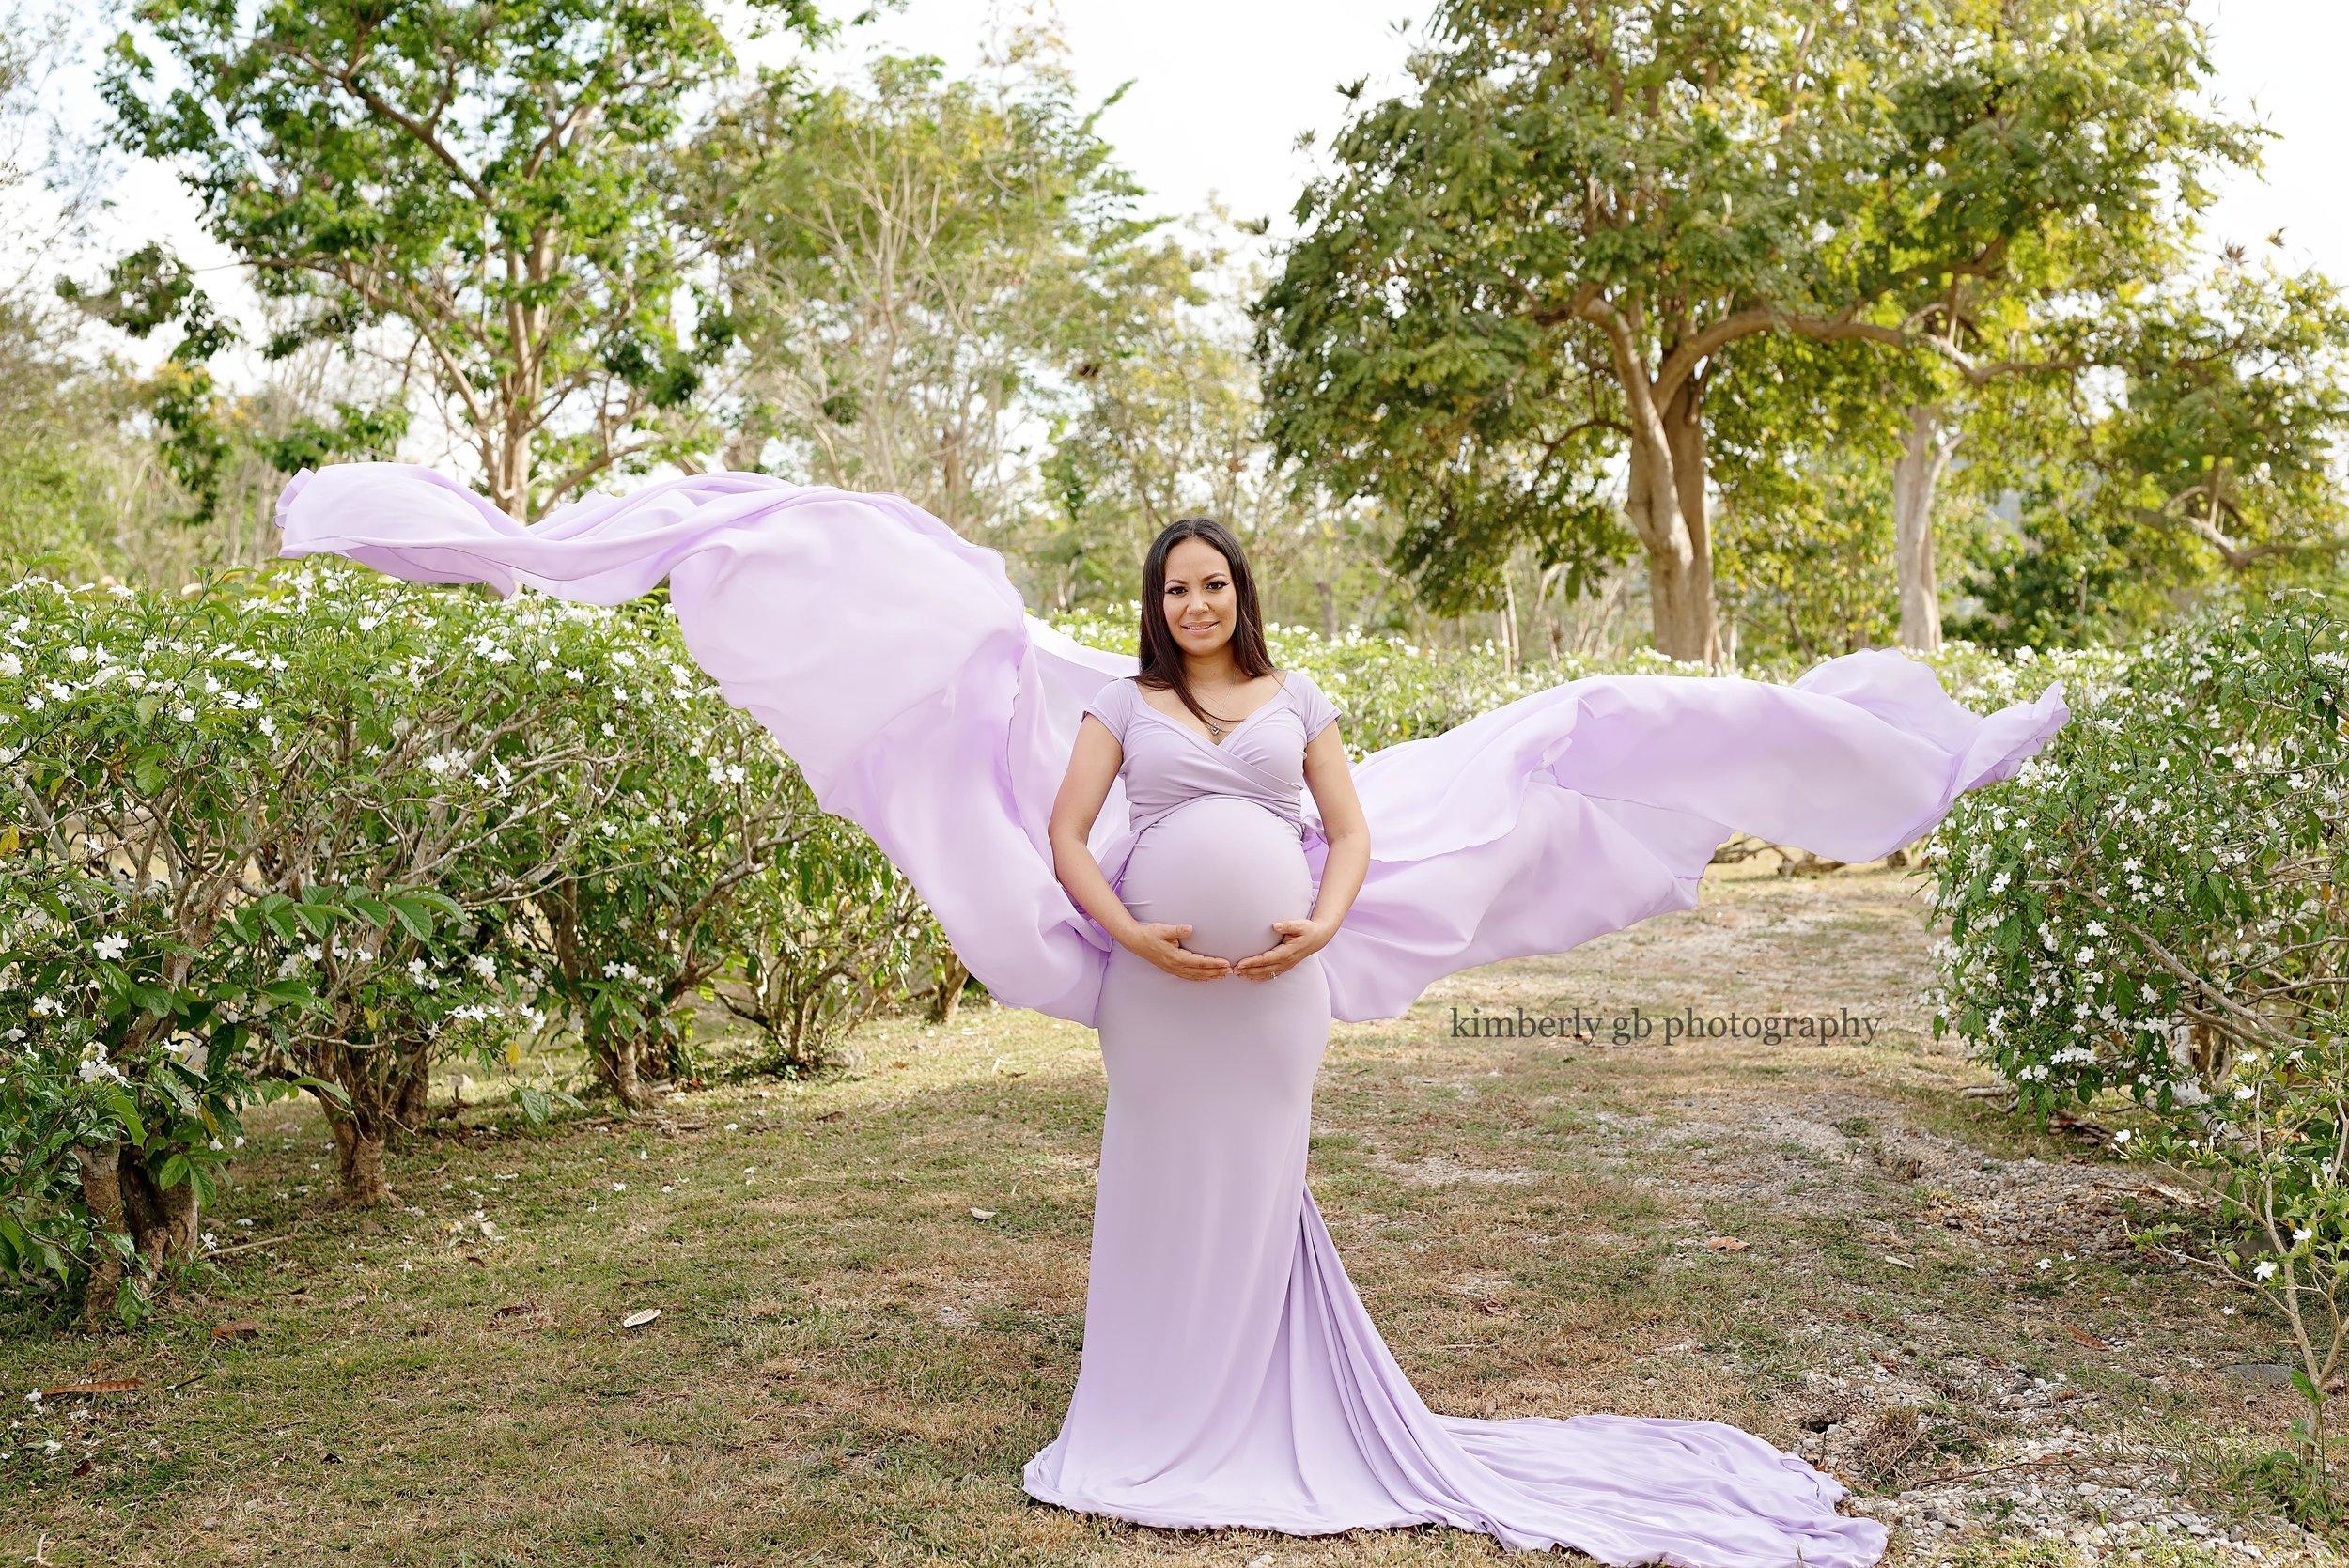 fotografia-fotografa-de-maternidad-embarazo-embarazada-en-puerto-rico-fotografia-170.jpg